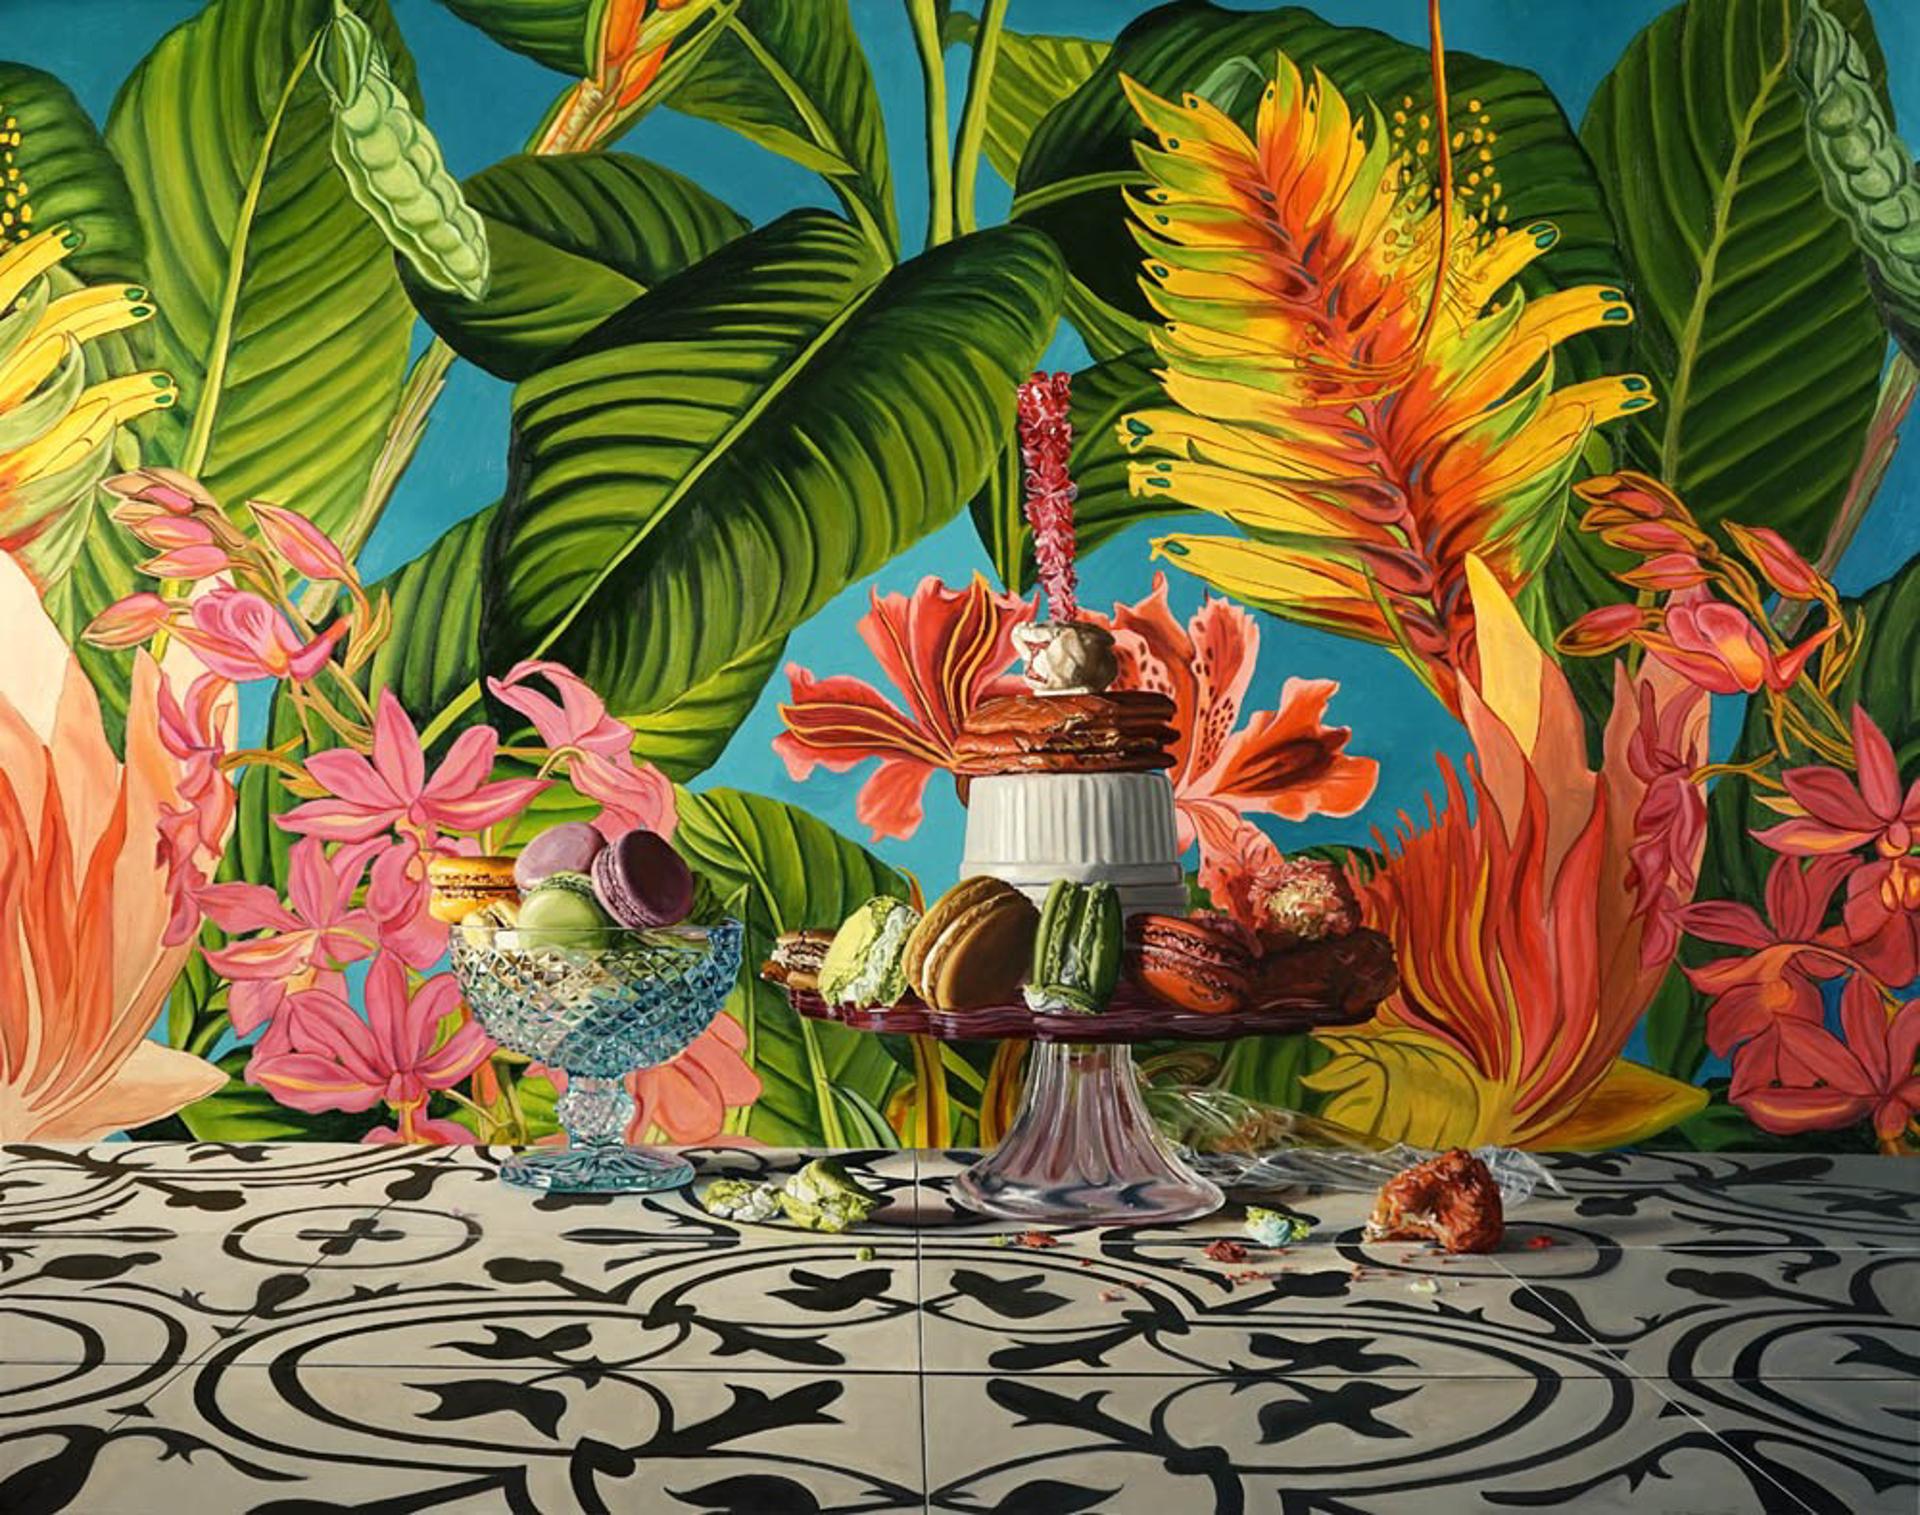 Sucrose Tropical Mythology by Denise Stewart-Sanabria